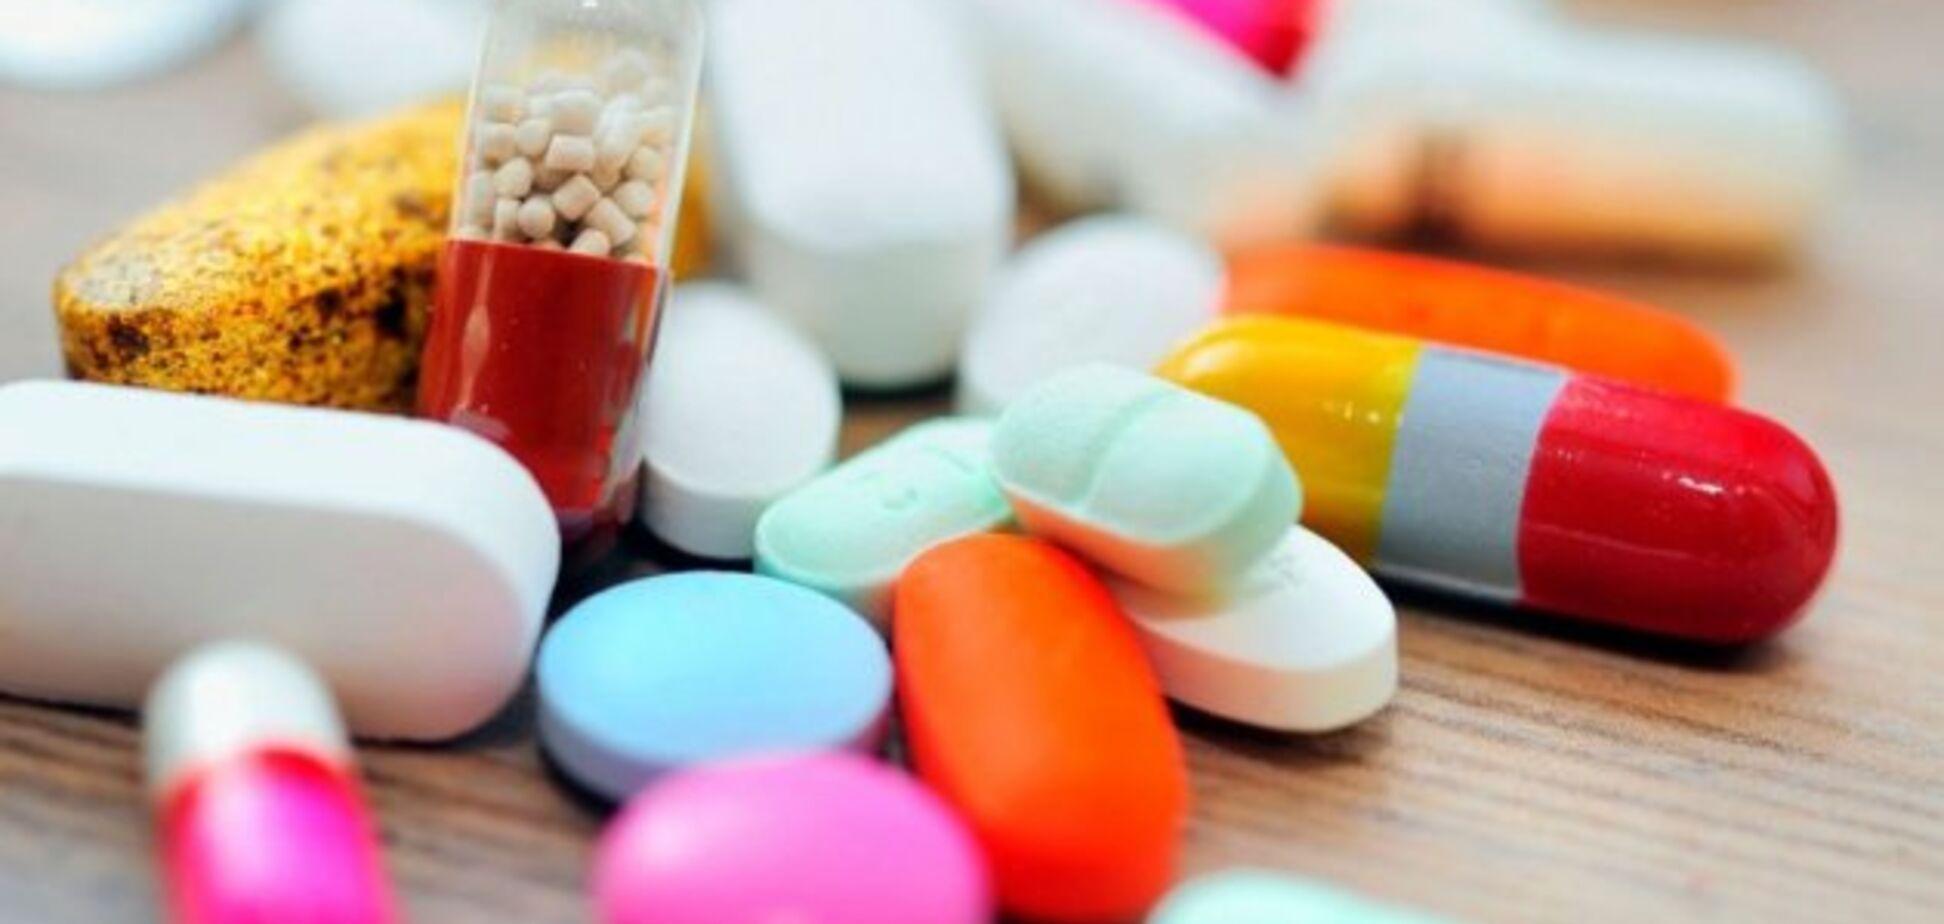 Дешевле в 67 раз: украинцам разъяснили плюсы новых правил закупки лекарств